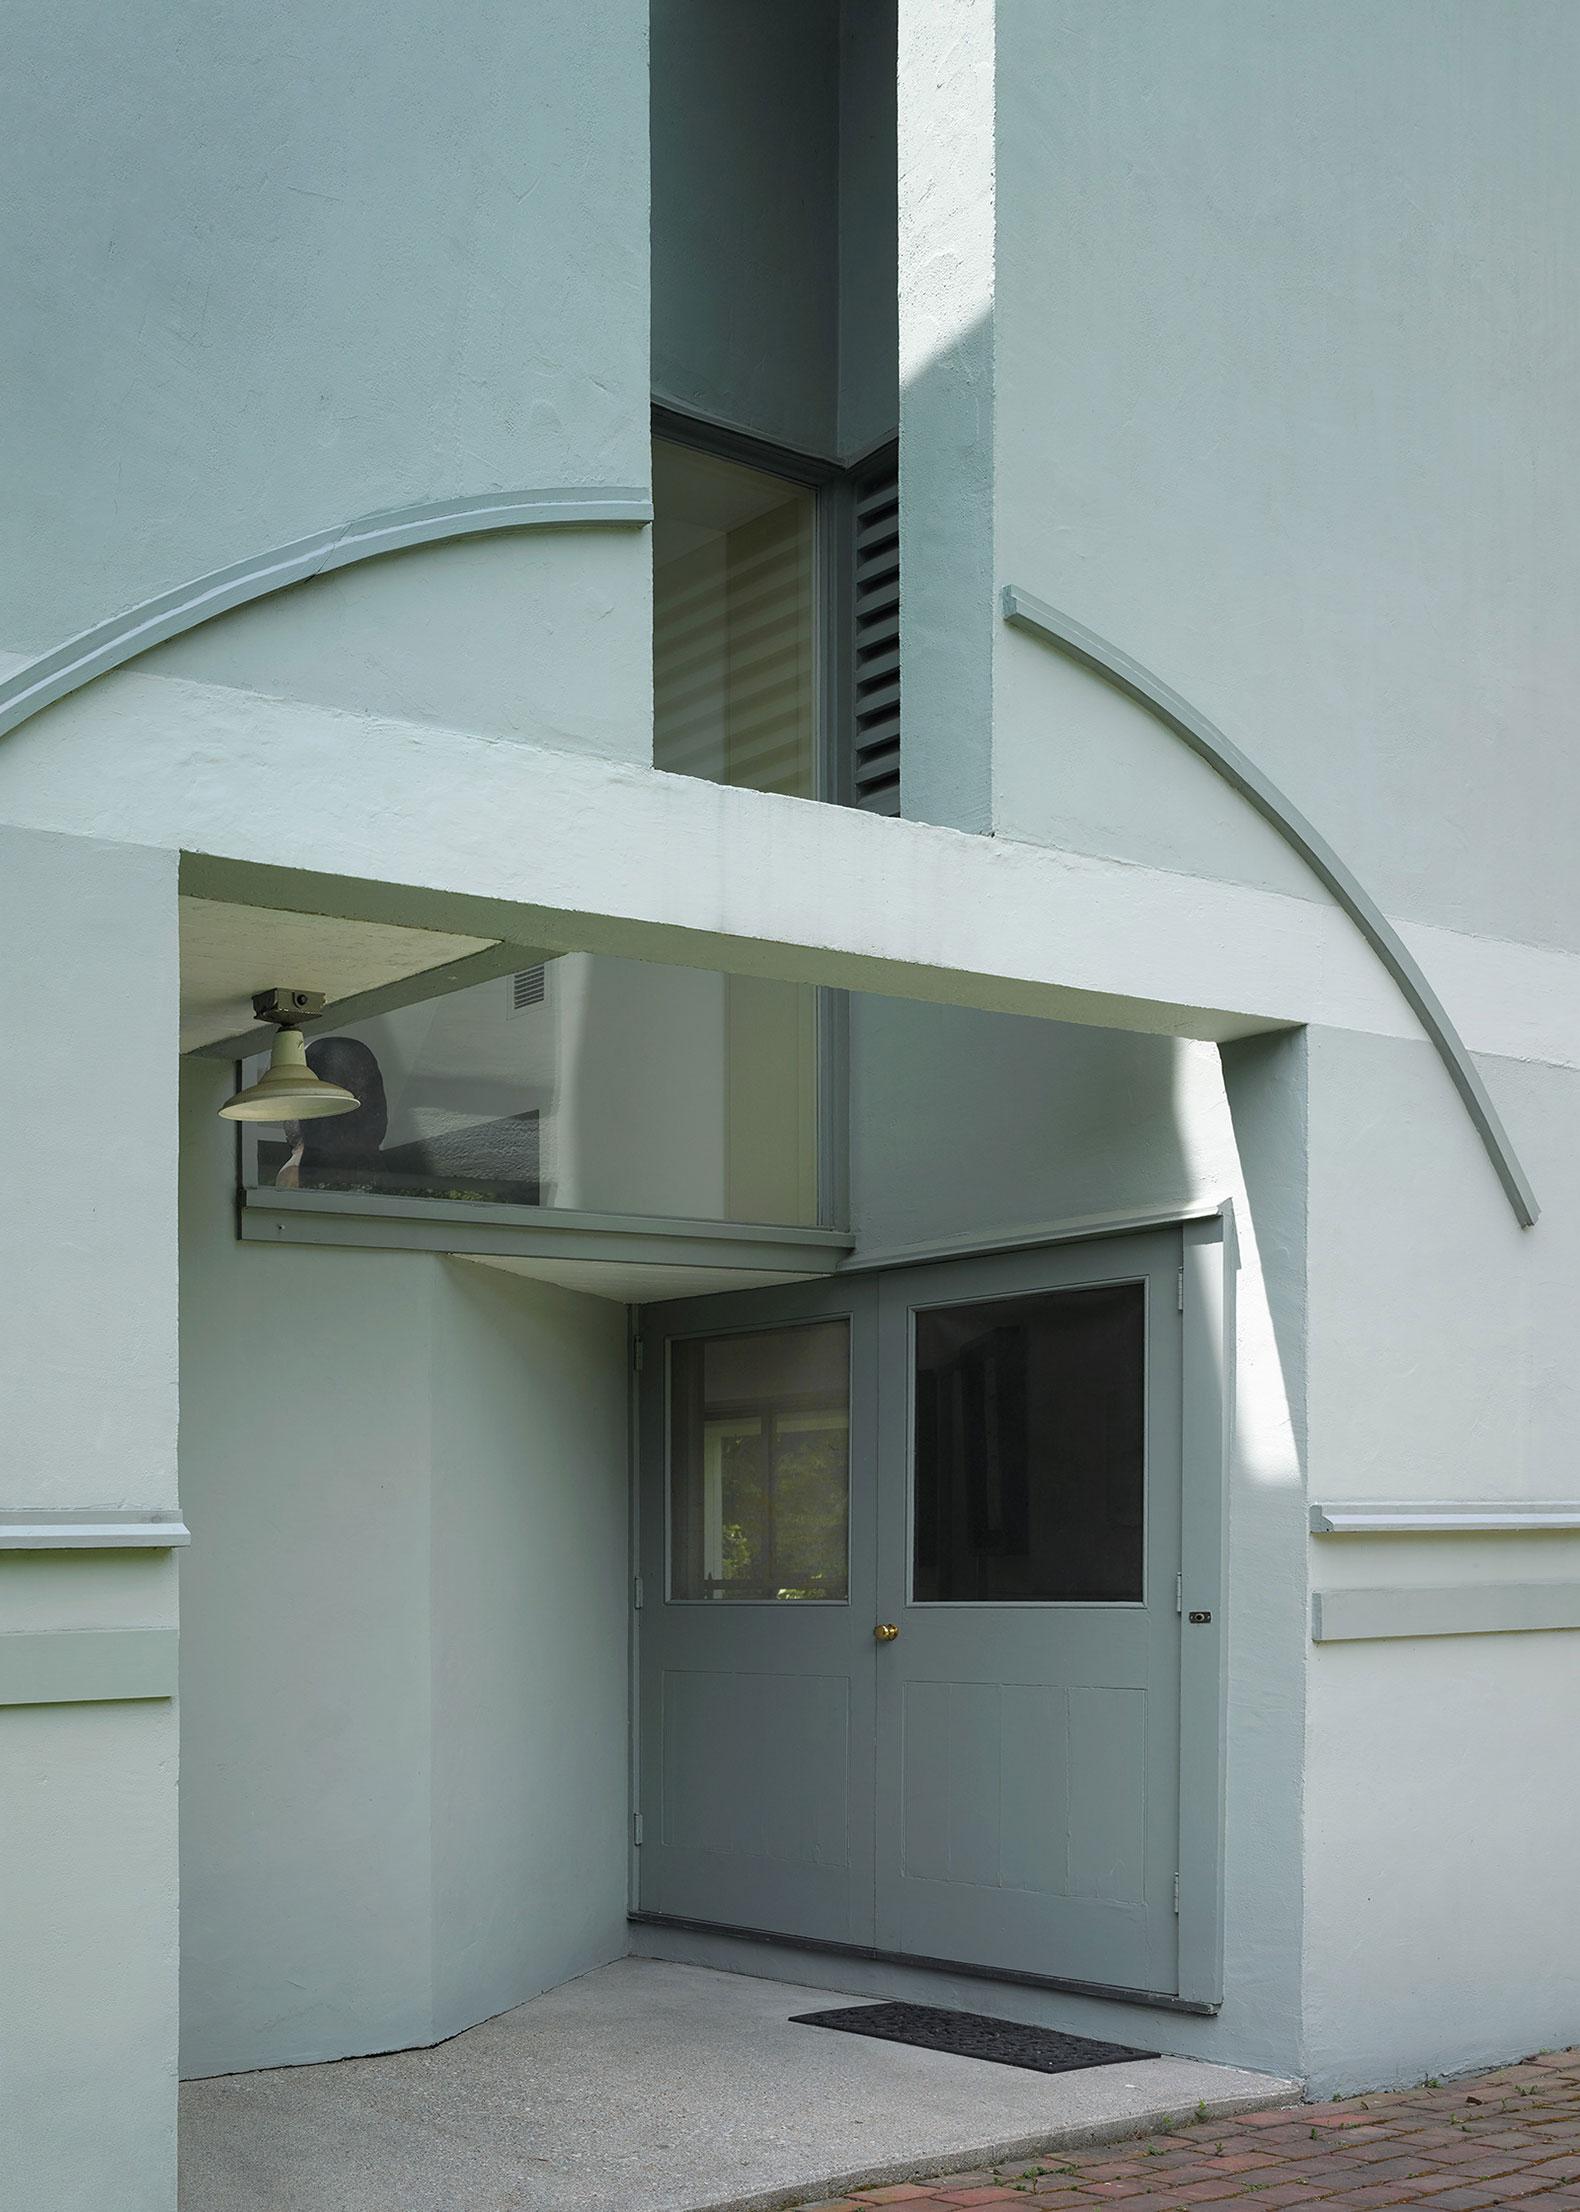 Entrada (Casa Vanna Venturi, 1962-1964, Filadelfia), 2015, por Bas Princen. Imagen © Bas Princen. Imagn y Arquitectura en el Vitra Design Museum Gallery